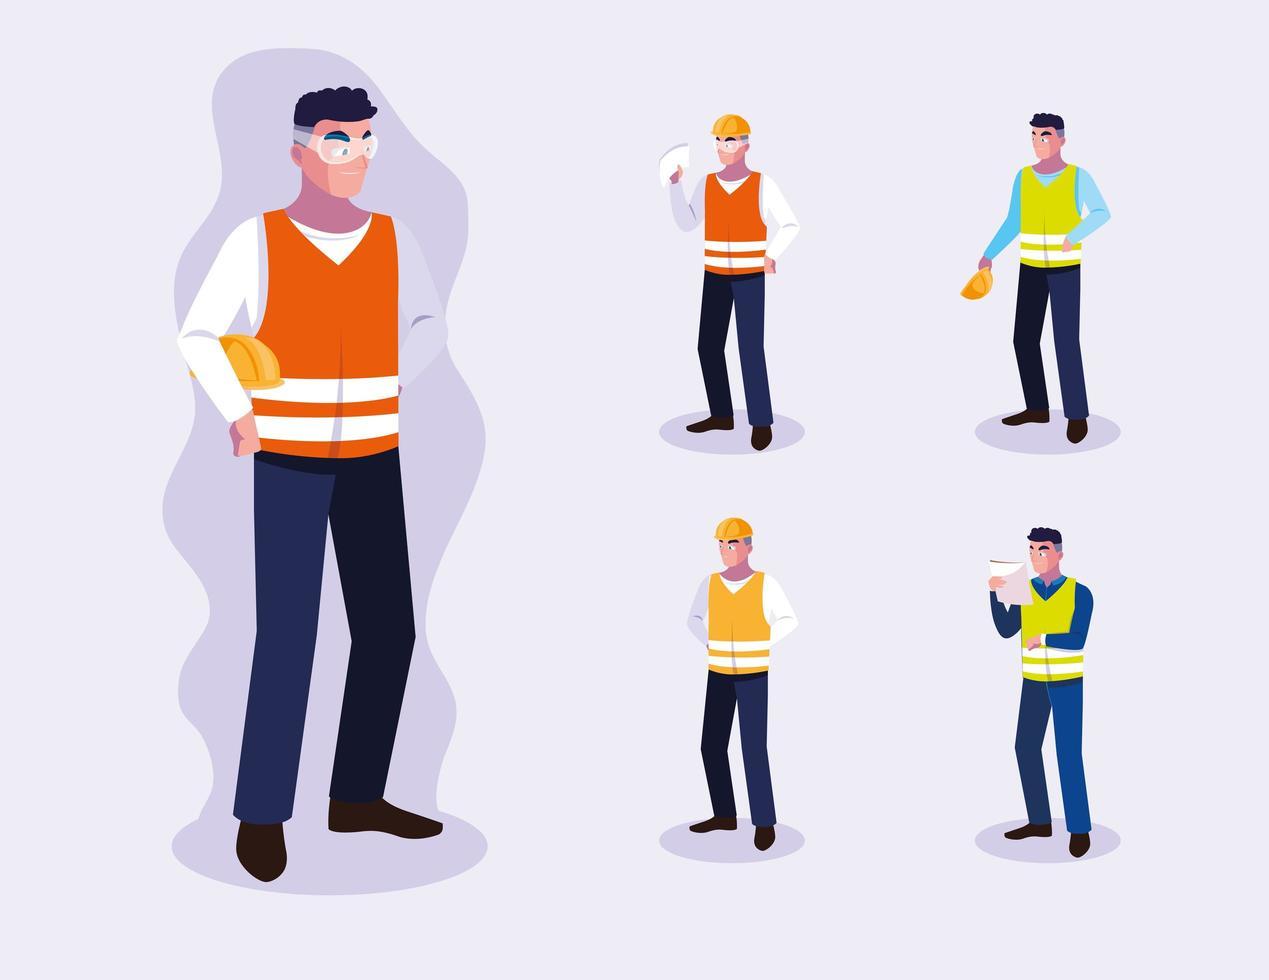 conjunto de diseño de trabajadores profesionales masculinos vector